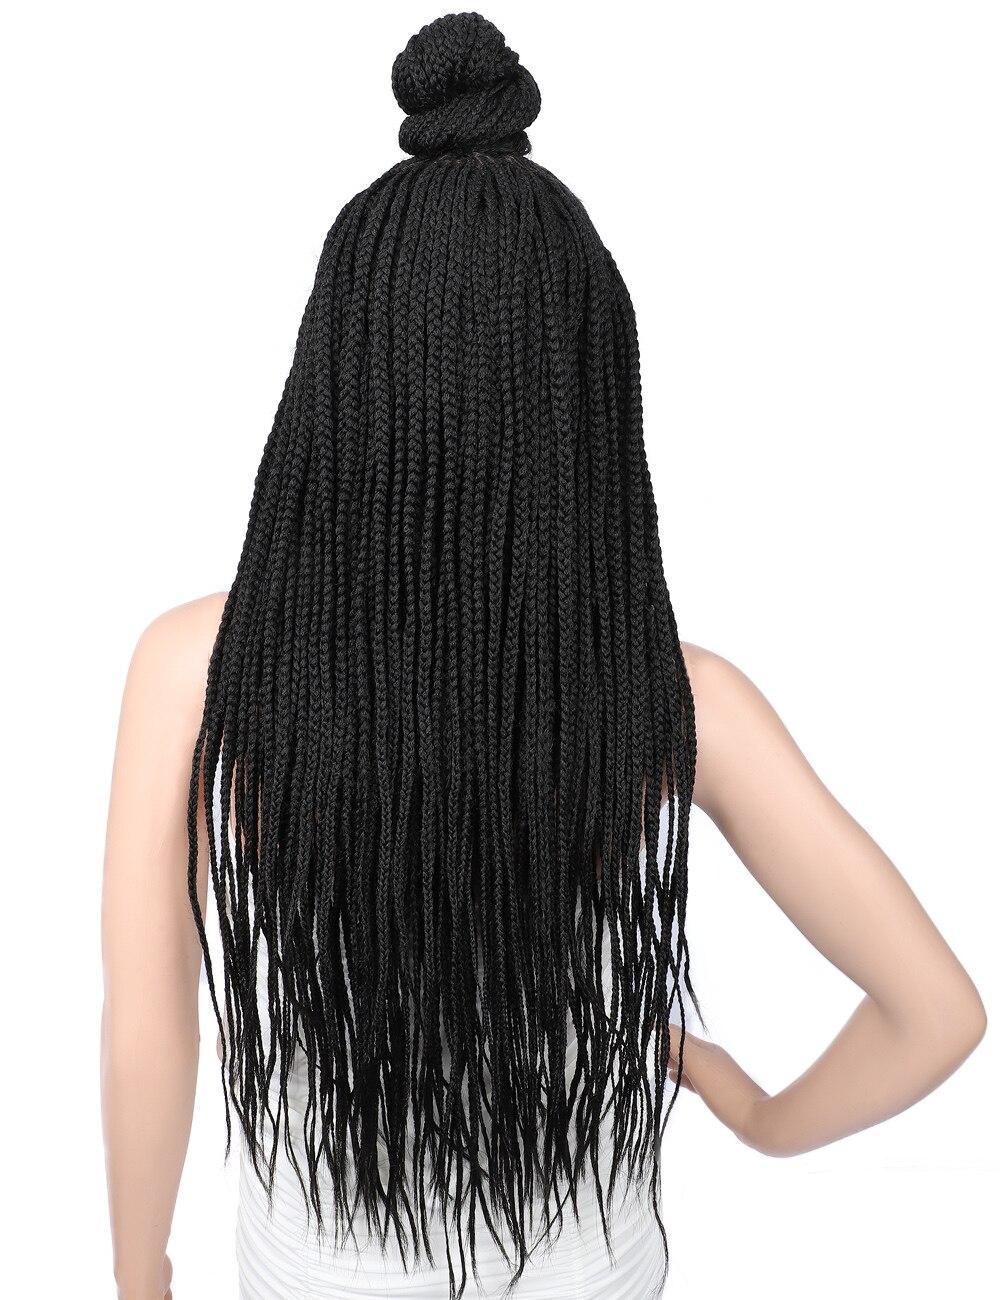 polegadas de longa peruca dianteira do laço